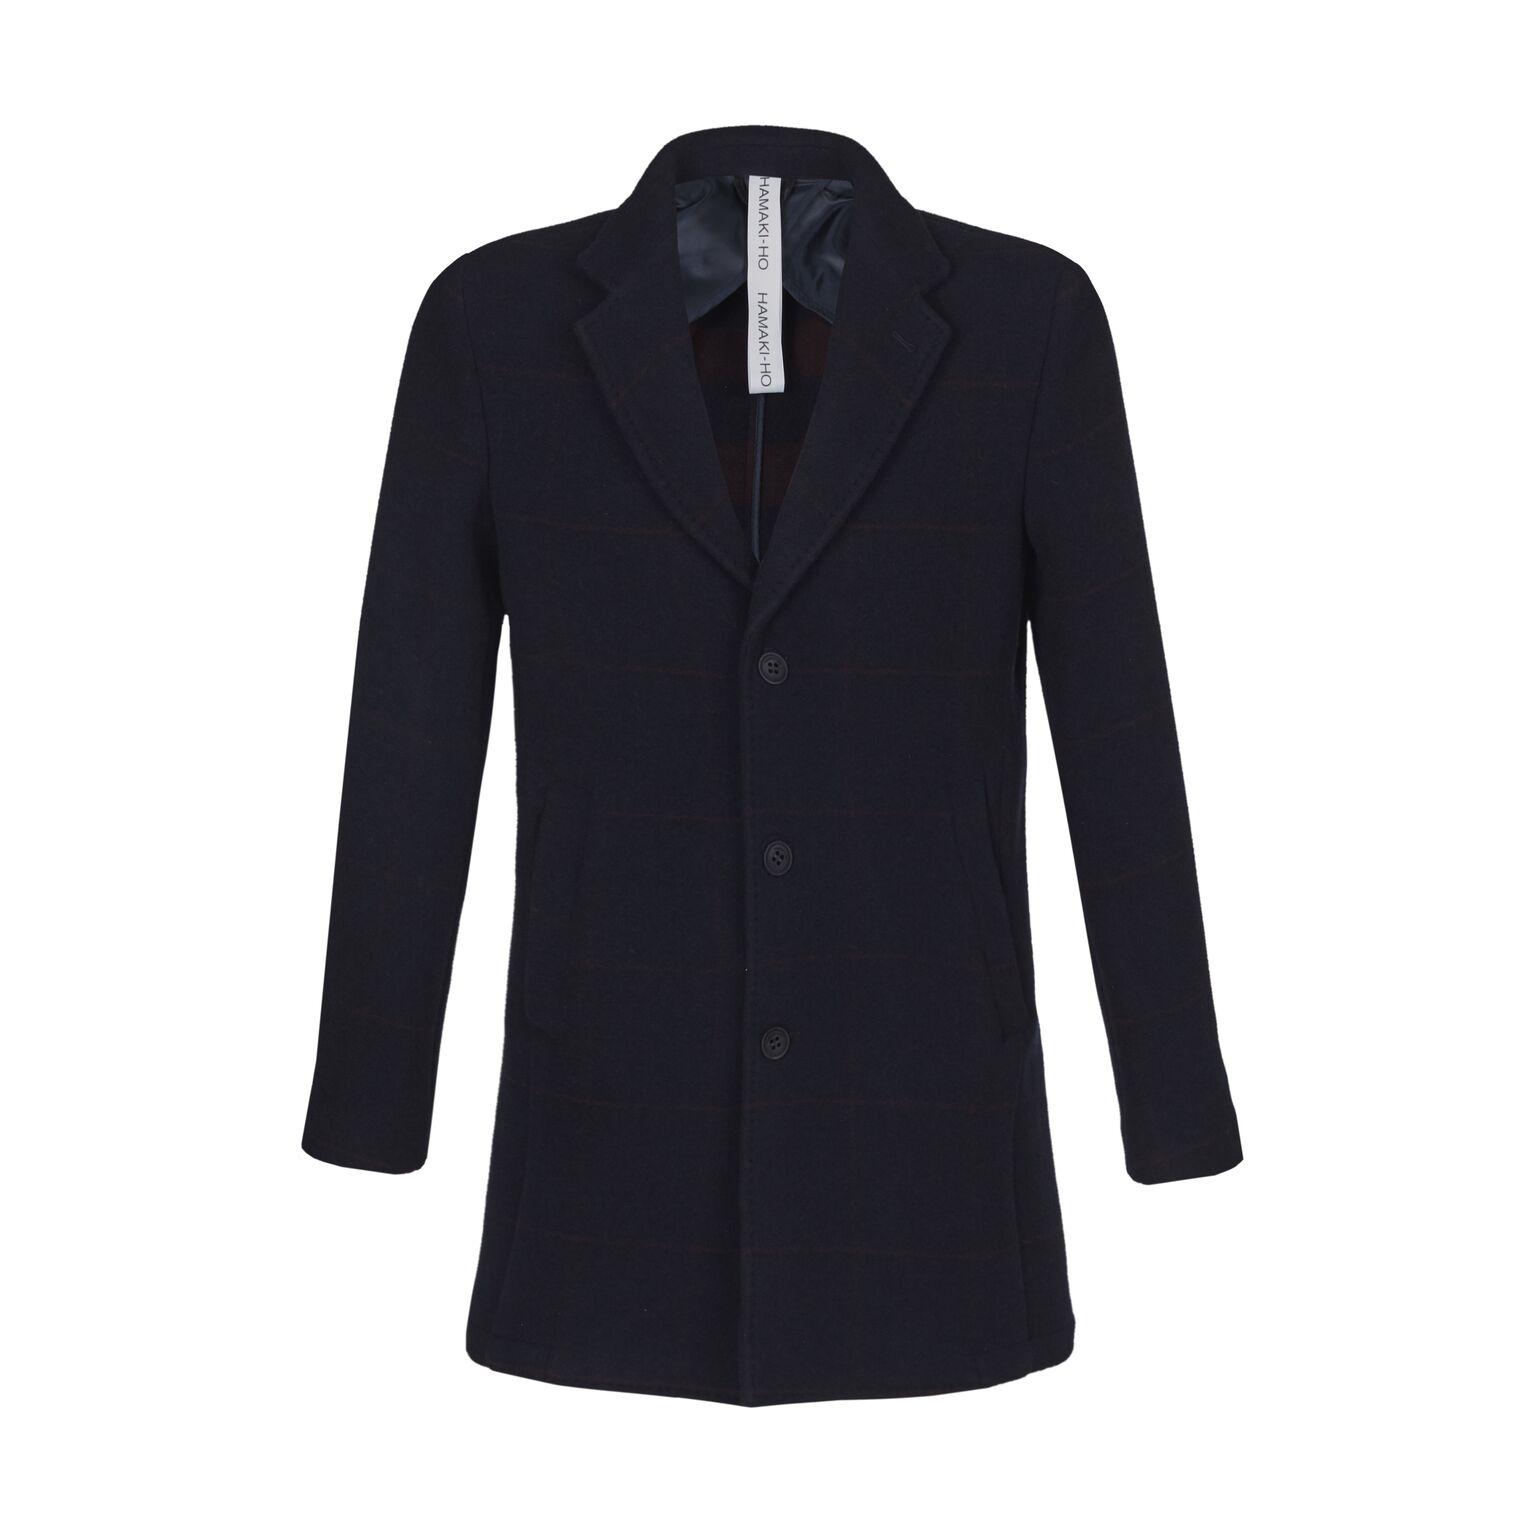 9cd1b75d40 Collezione Fall Winter 17 Hamaki-Ho il cappotto over un protagonista ...